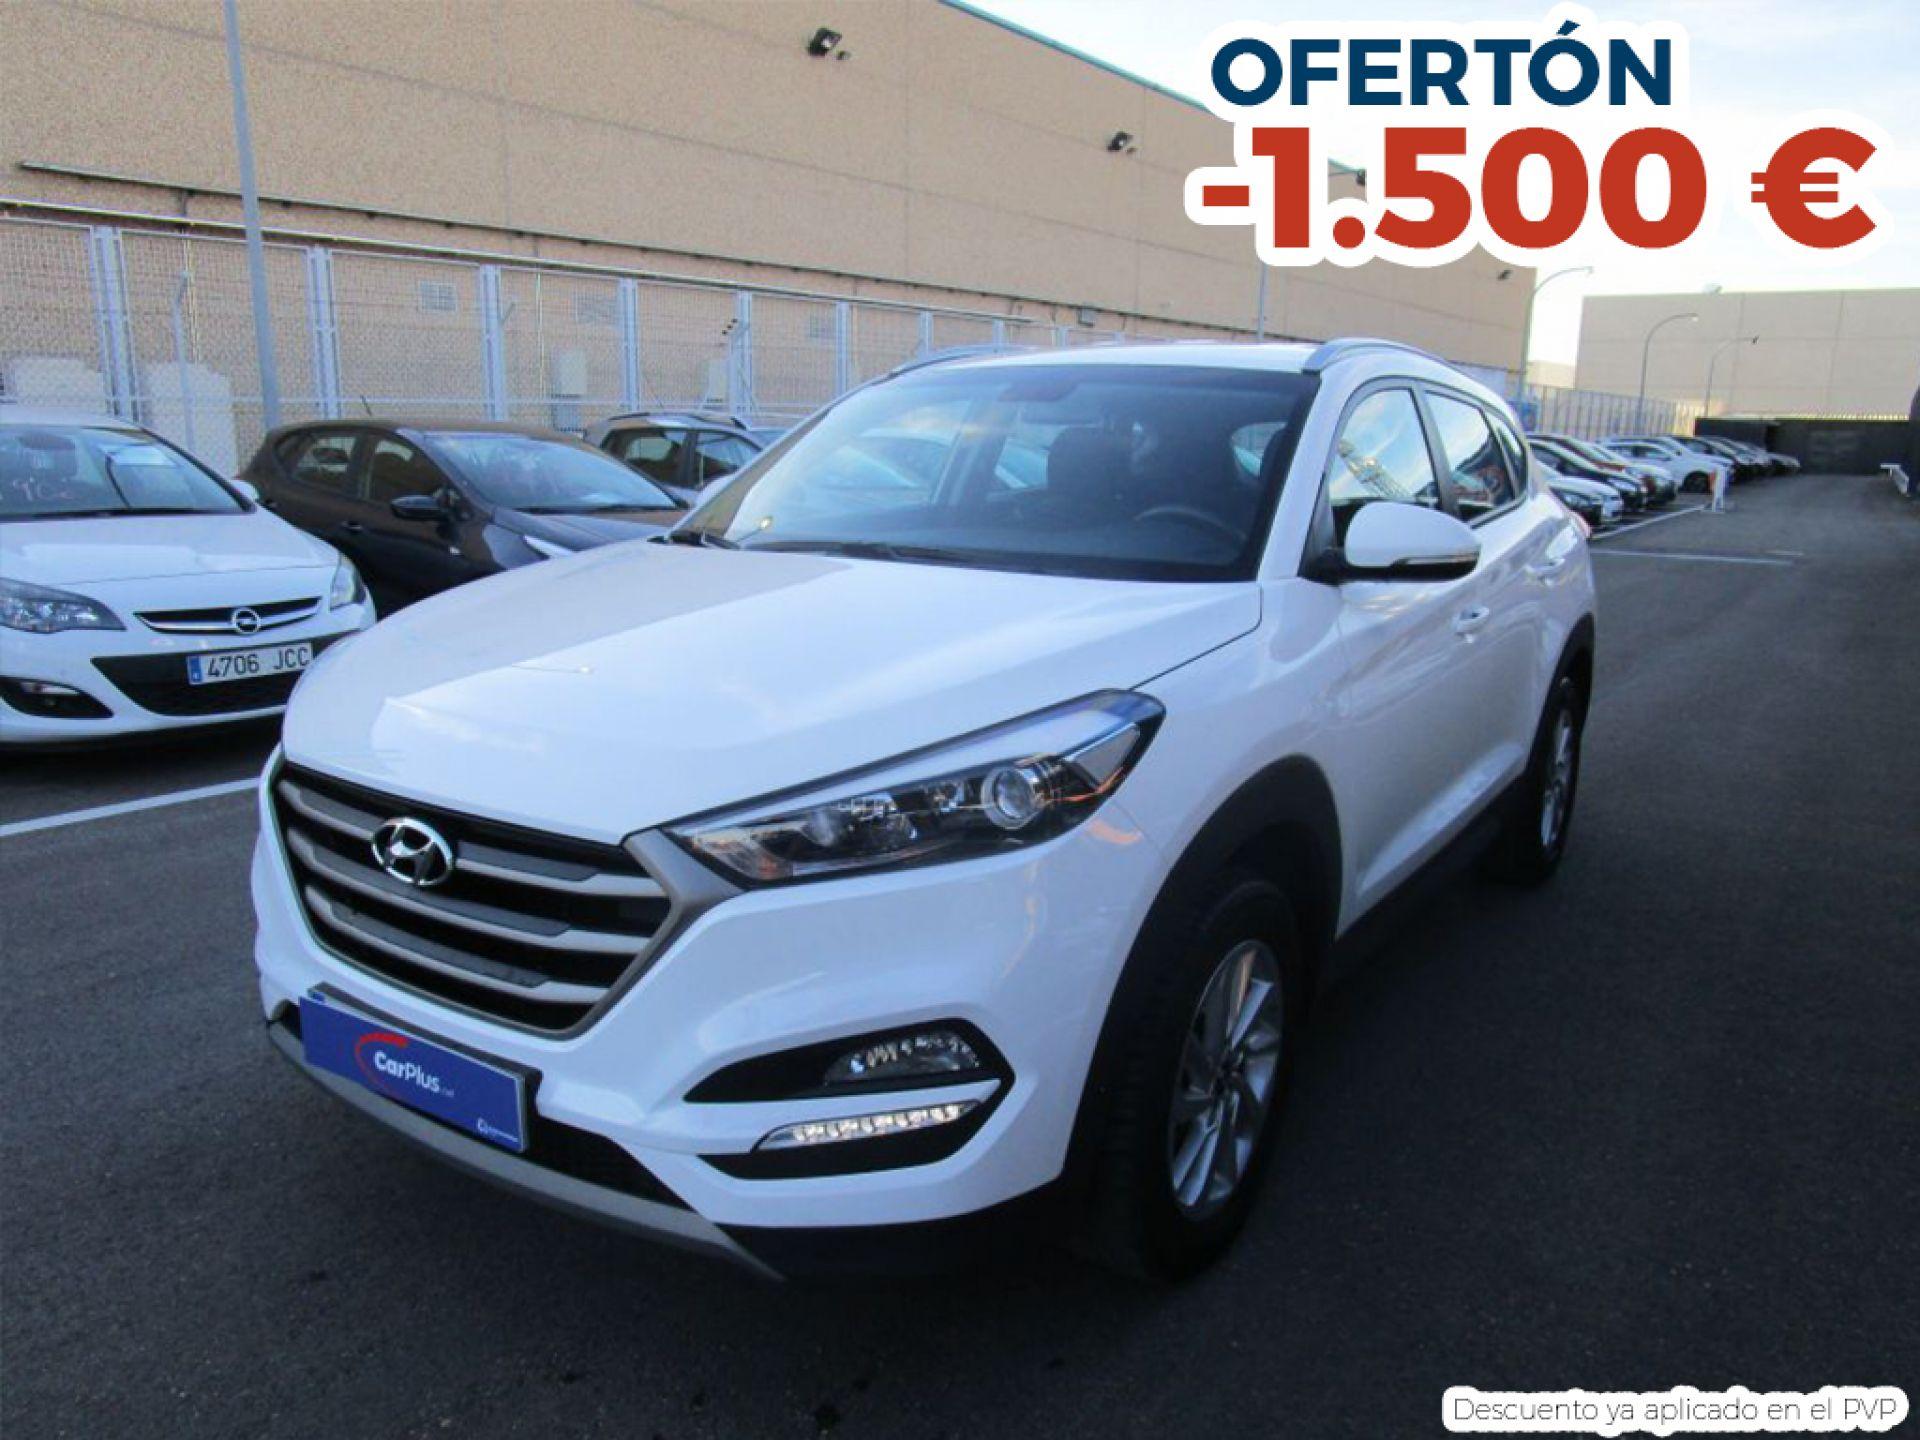 Hyundai Tucson 1.7 CRDi 85kW (115CV) BD Klass Nav 4x2 segunda mano Madrid